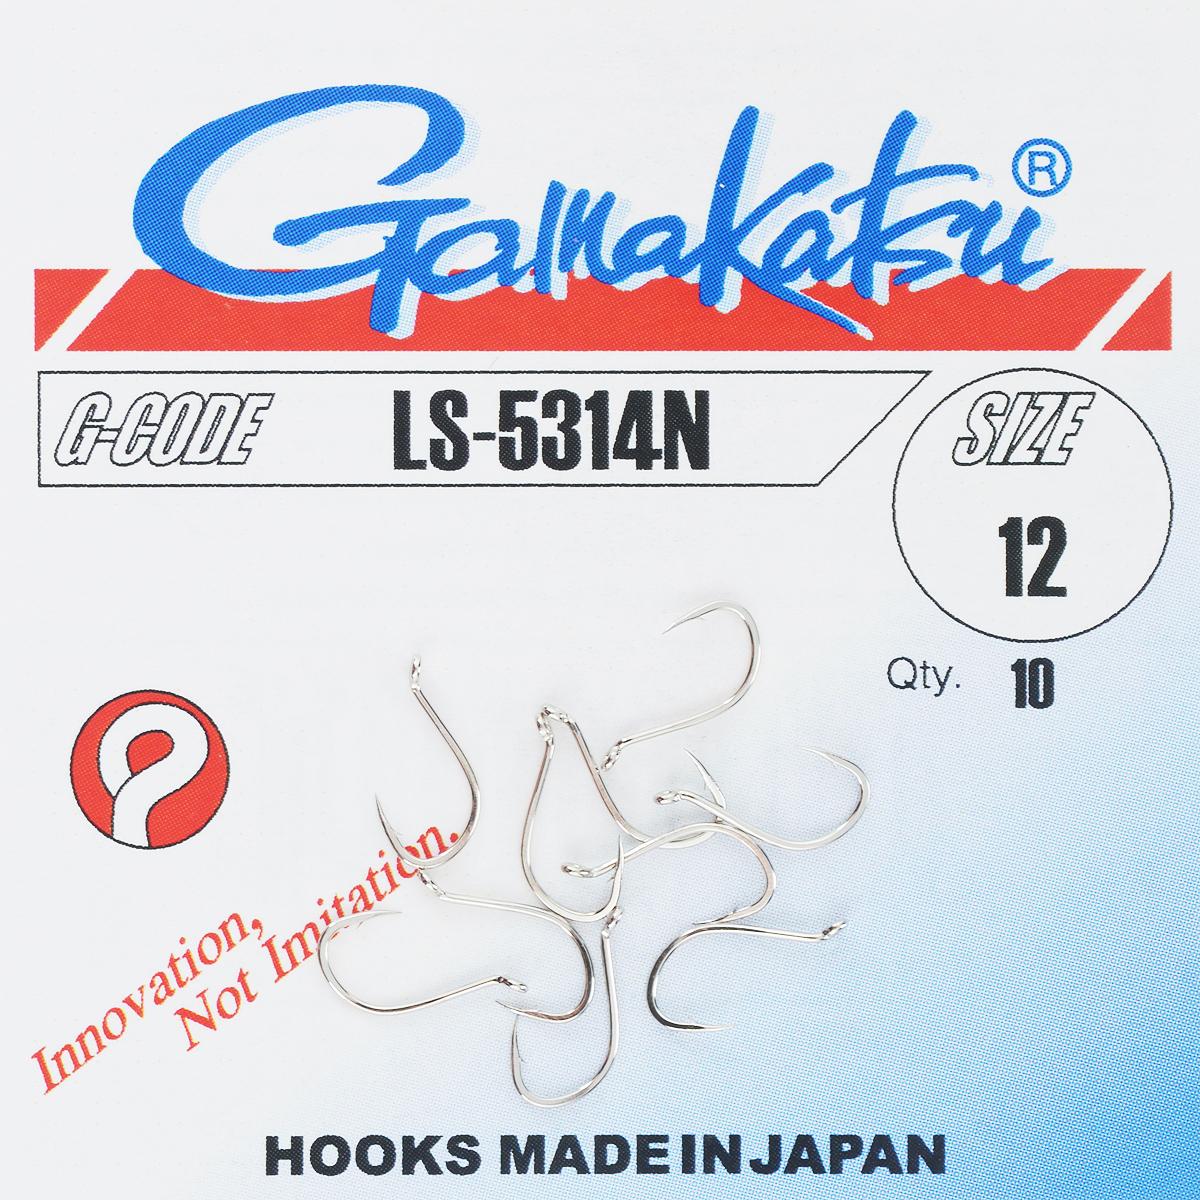 Набор крючков Gamakatsu, размер №12, 10 штPGPS7797CIS08GBNVGamakatsu - это одни из наиболее разносторонних крючков, известных своей прочностью и долговечностью. Крючки покрыты антикоррозионным покрытием, что делает их незаменимыми при ловле в соленой воде.